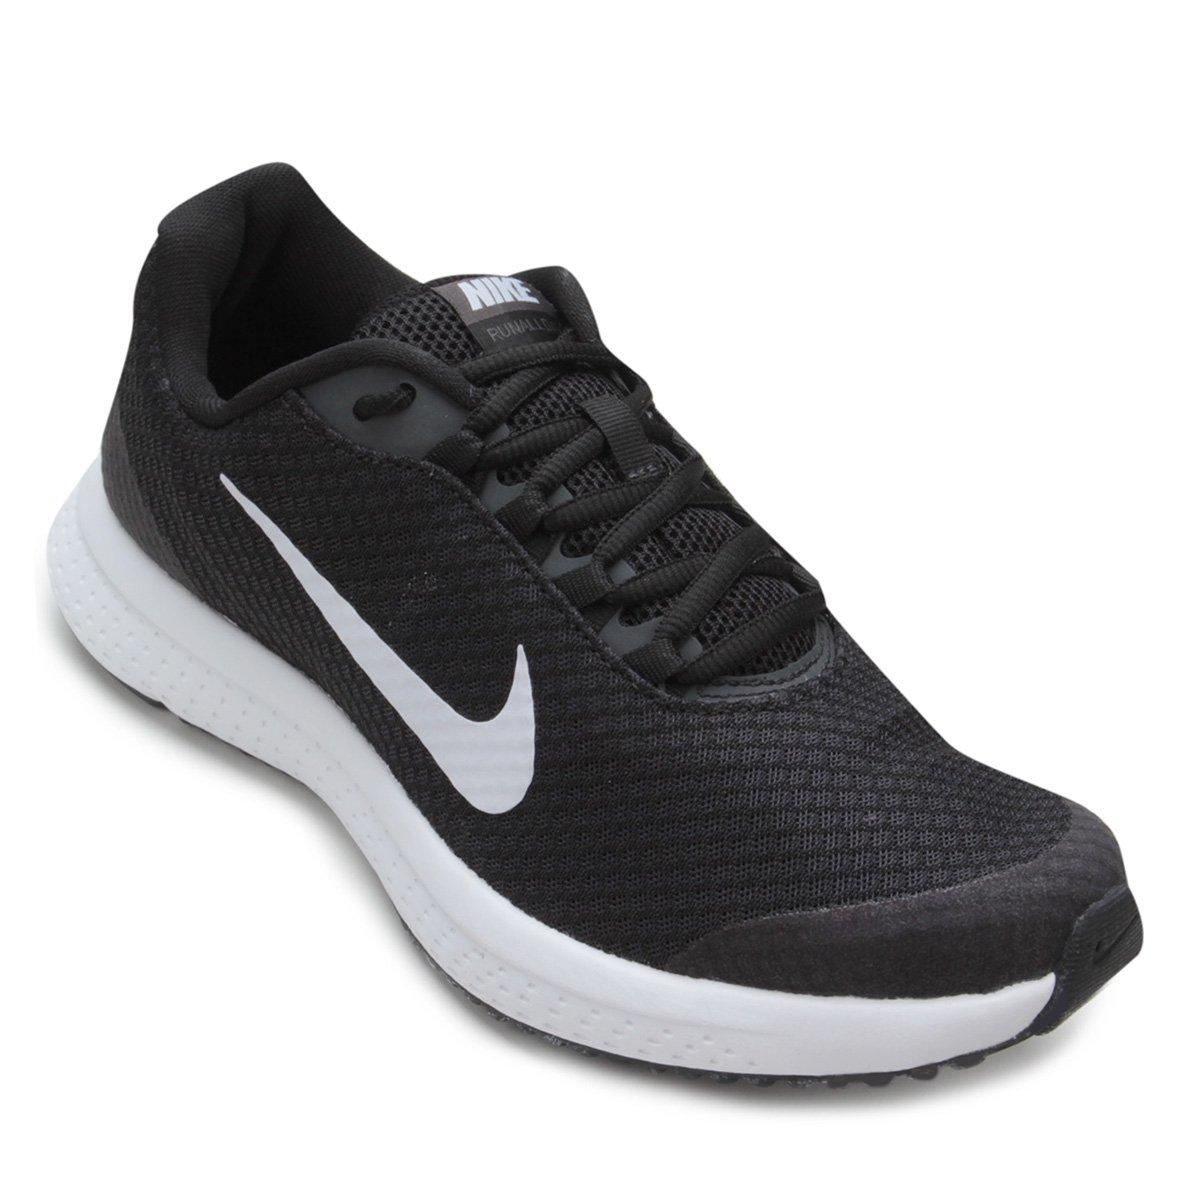 b396d3967946b Tênis Nike Runallday Feminino - Preto e Cinza - Compre Agora